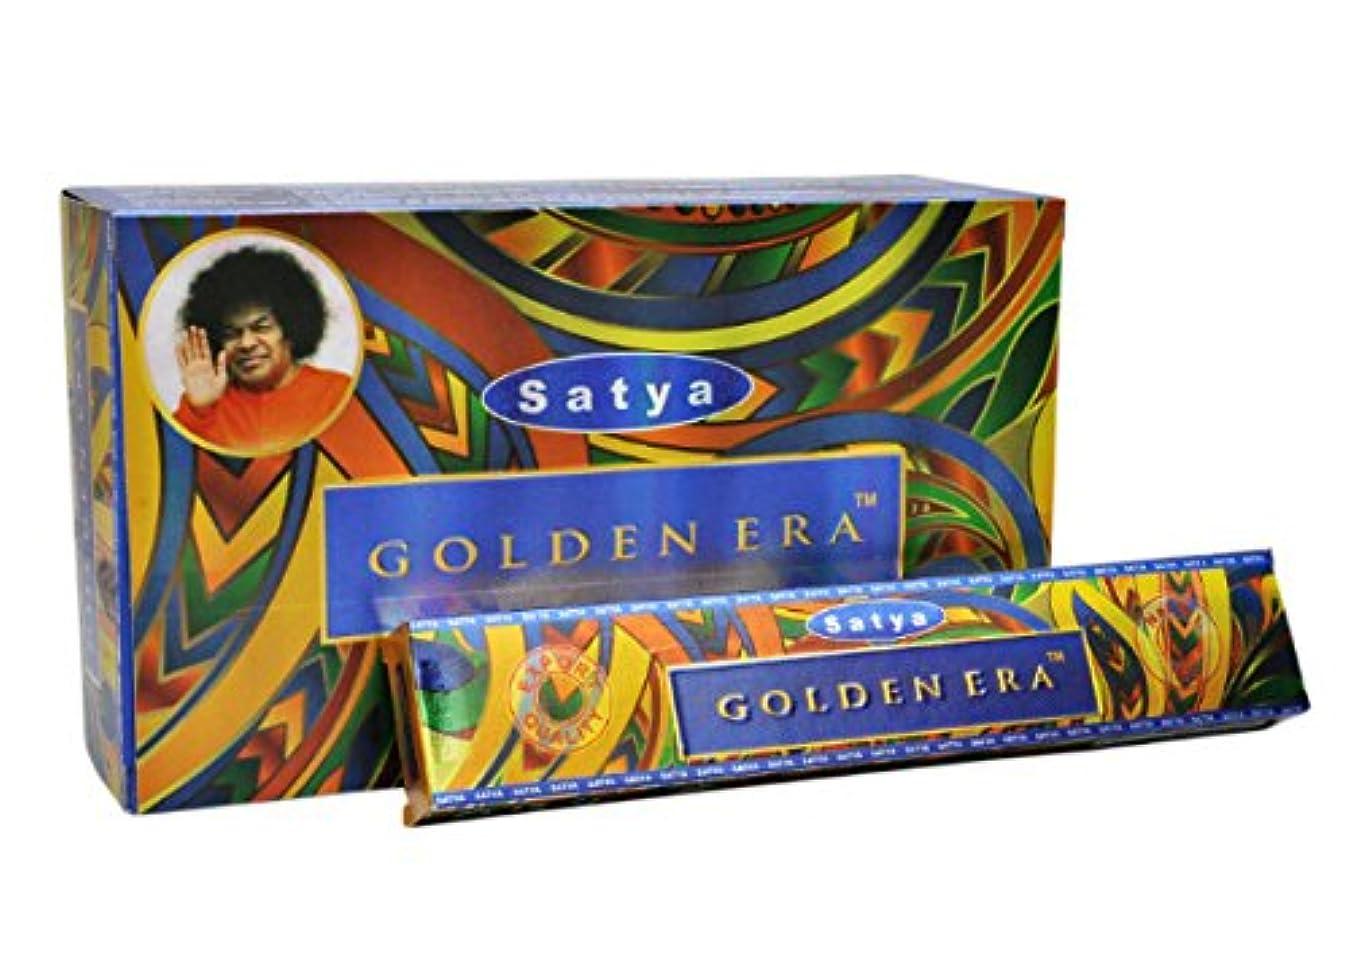 畝間壊れたかび臭いSatya Golden Era お香スティック 180gフルボックス